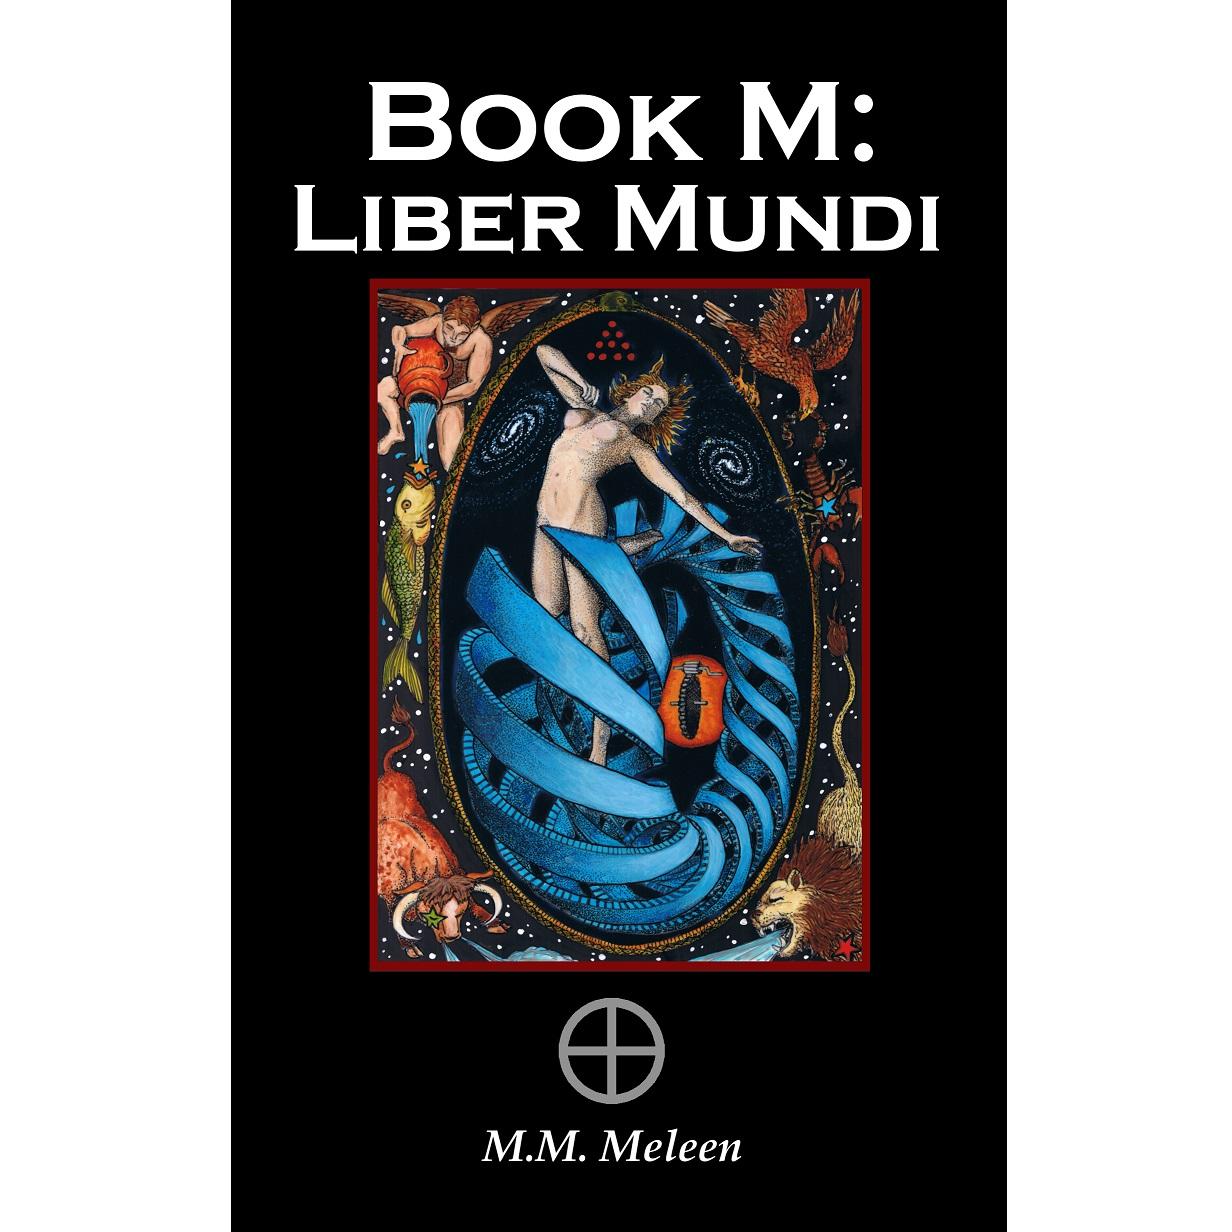 Book M Liber Mundi